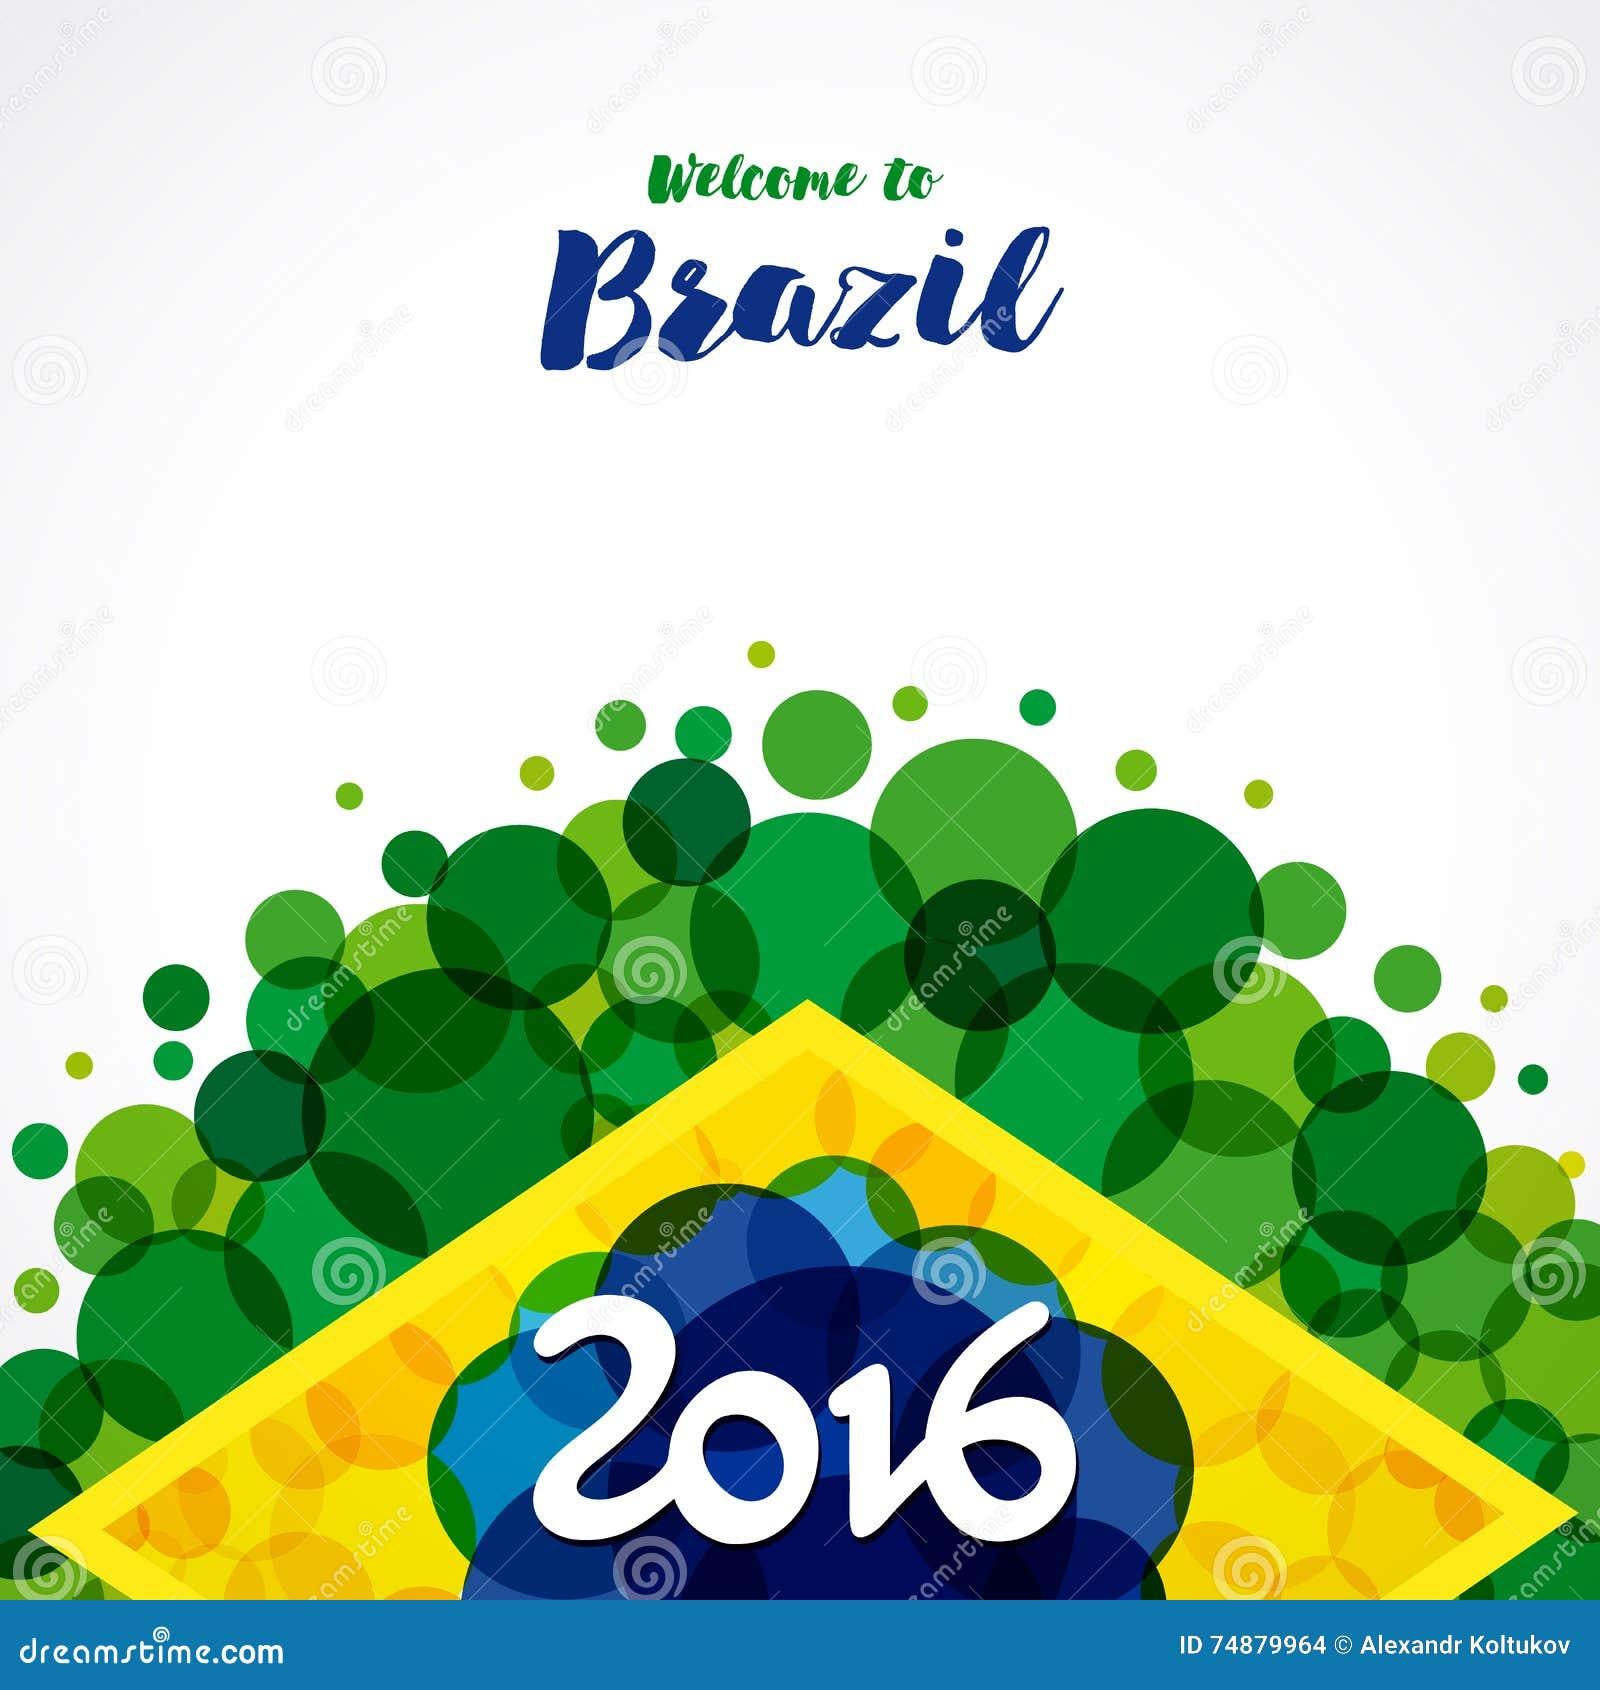 Boa vinda 2016 a Brasil